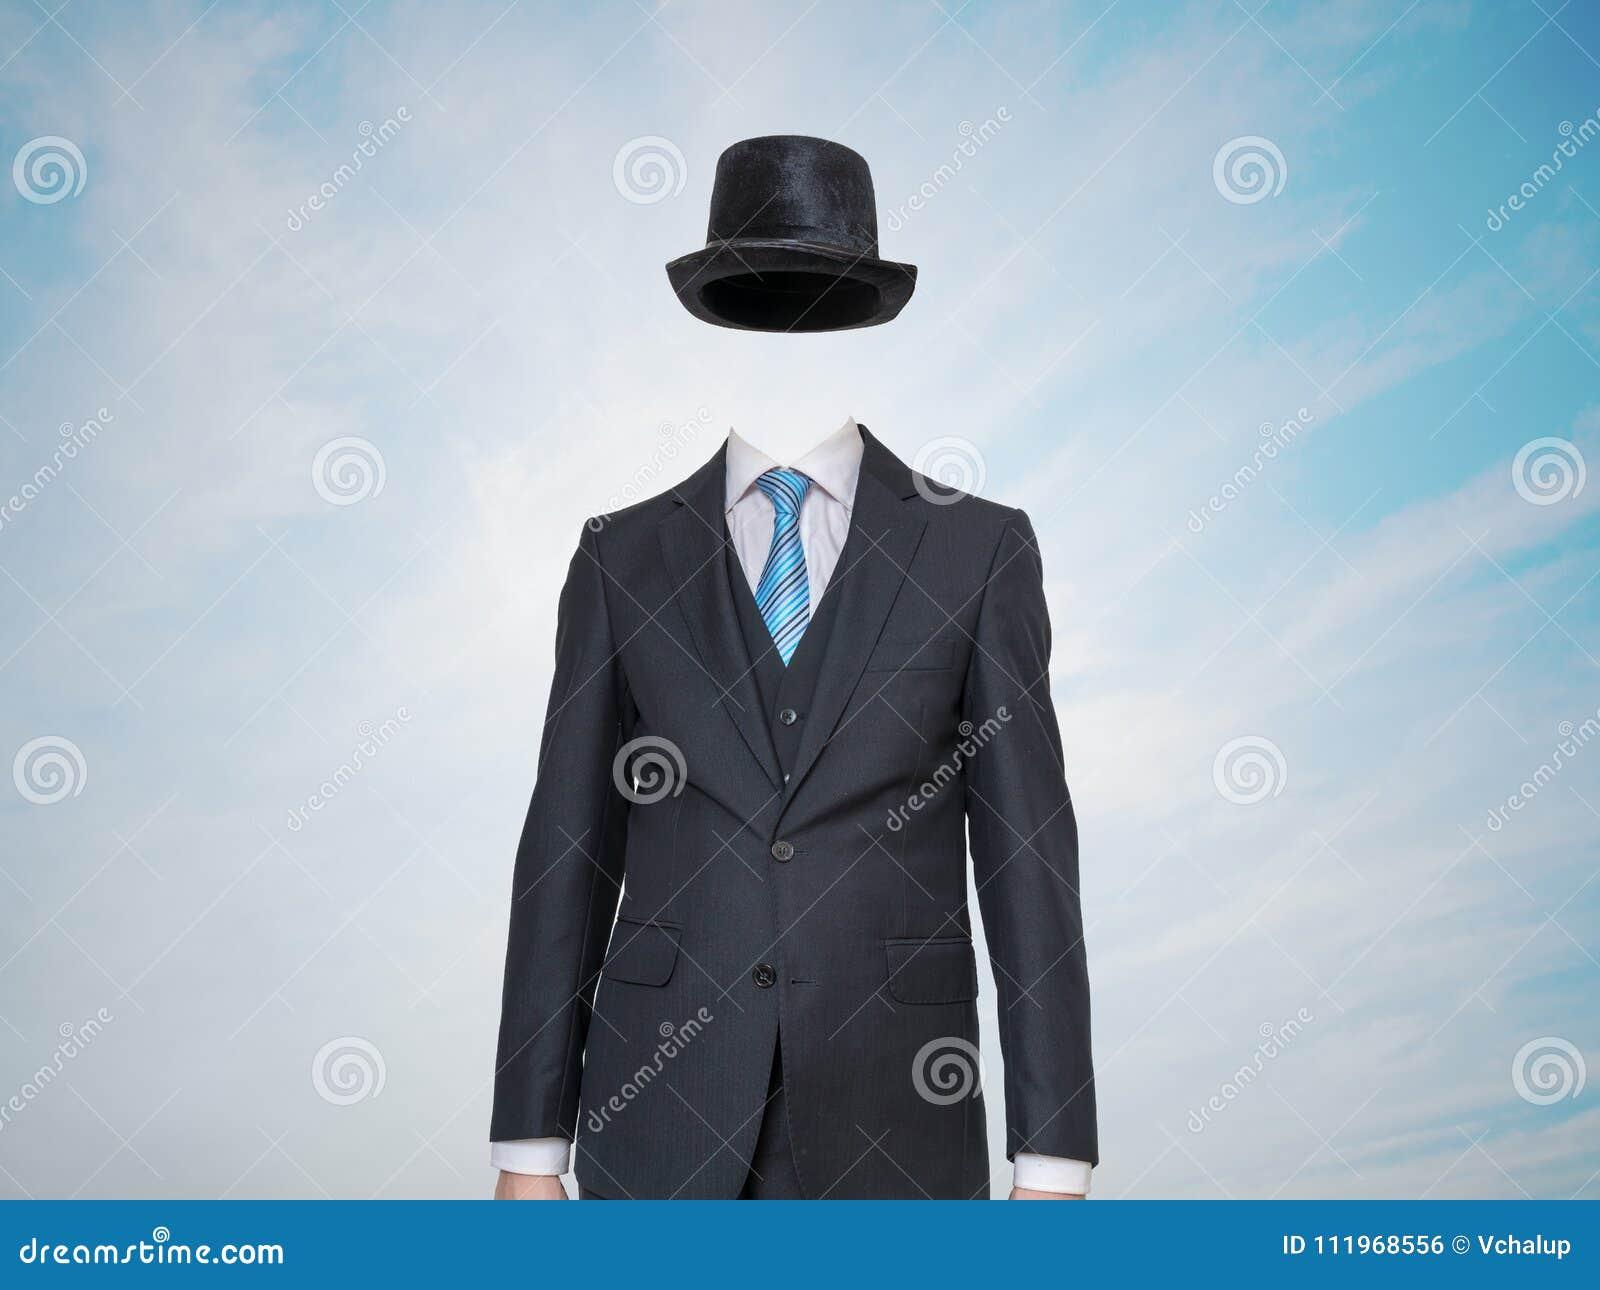 Anonimowy lub niewidzialny mężczyzna w kostiumu